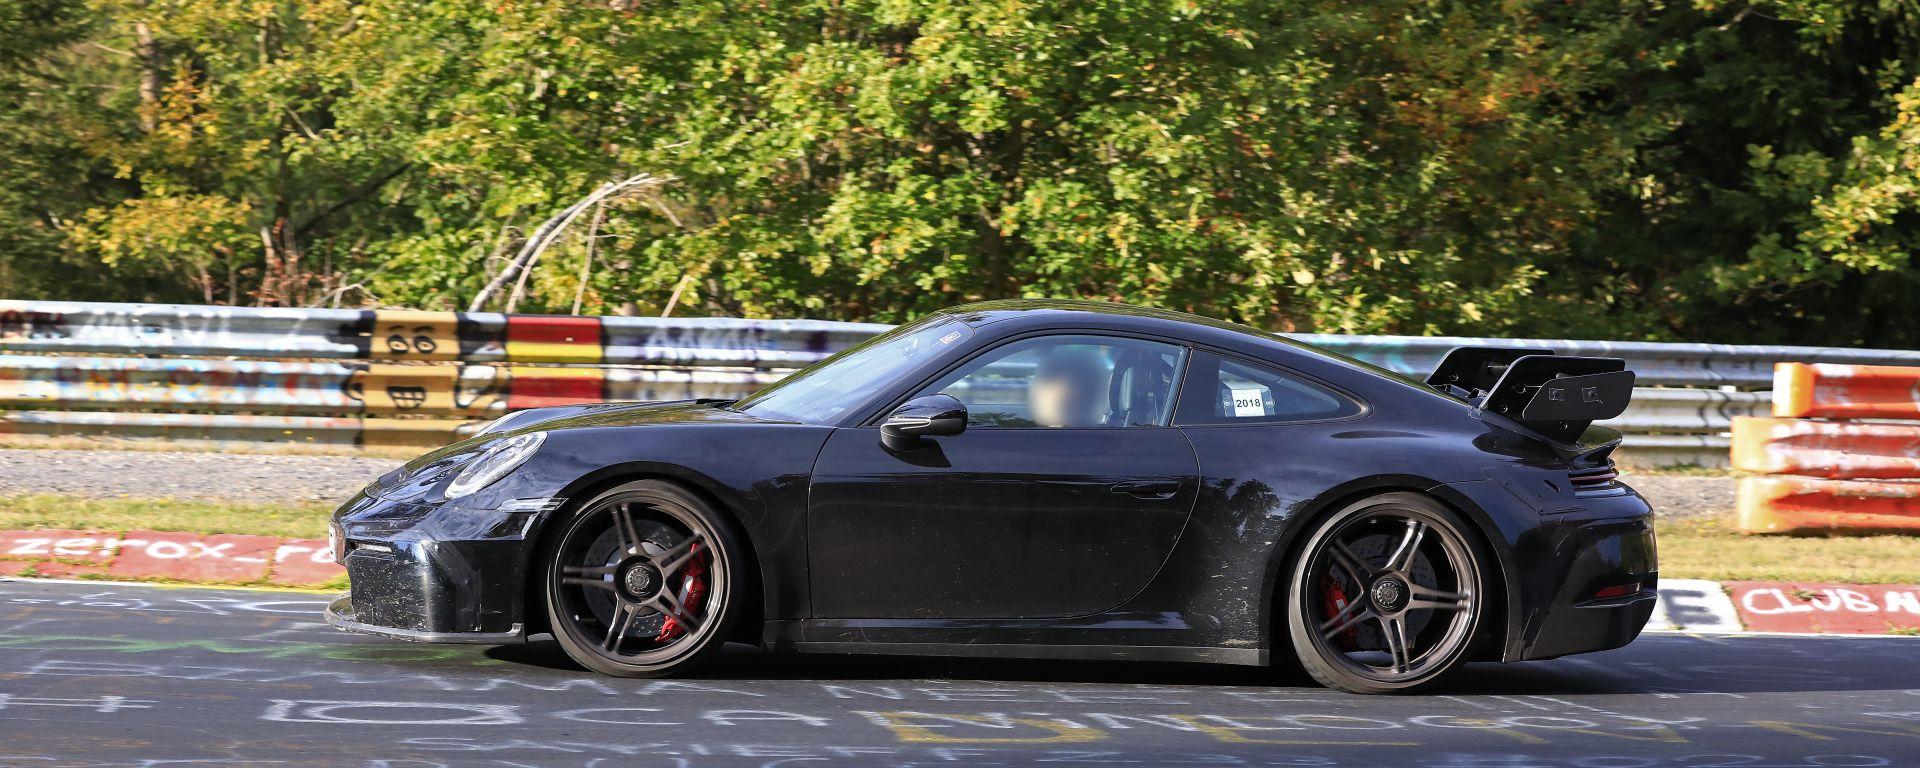 La nuova Porsche 911 GT3 2020 992 al Nurburgring